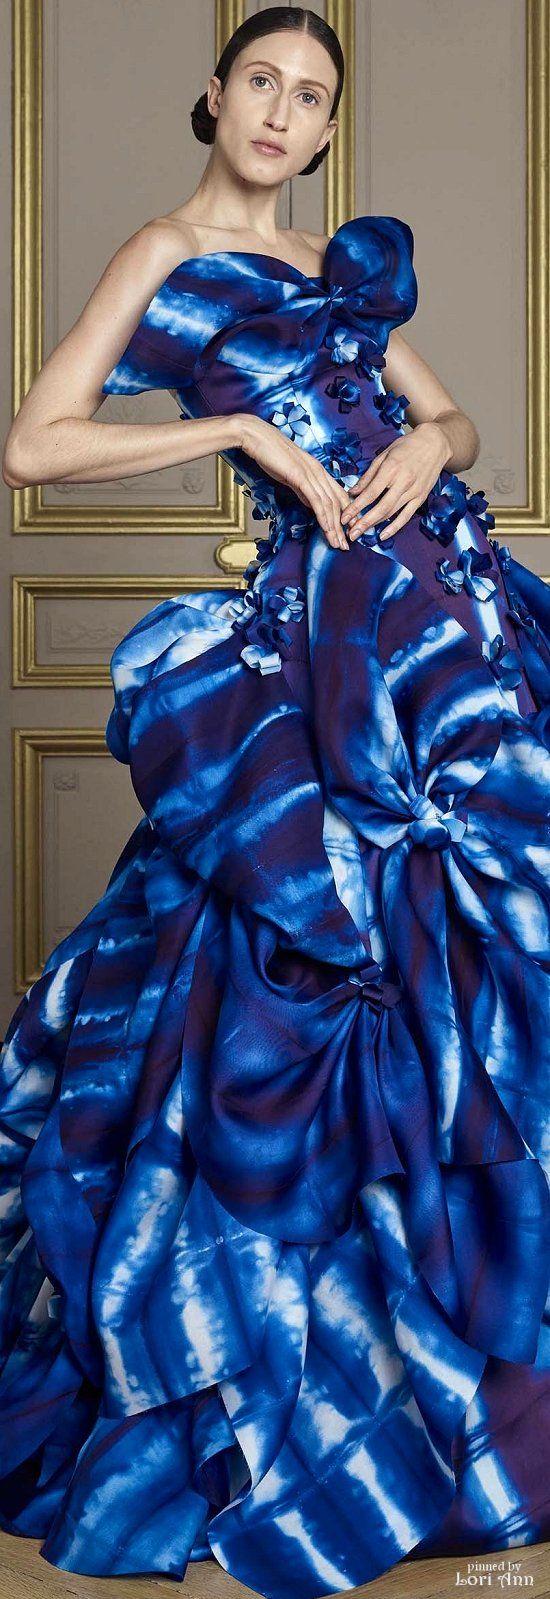 Giles Deacon Fall Couture 2016 jαɢlαdy